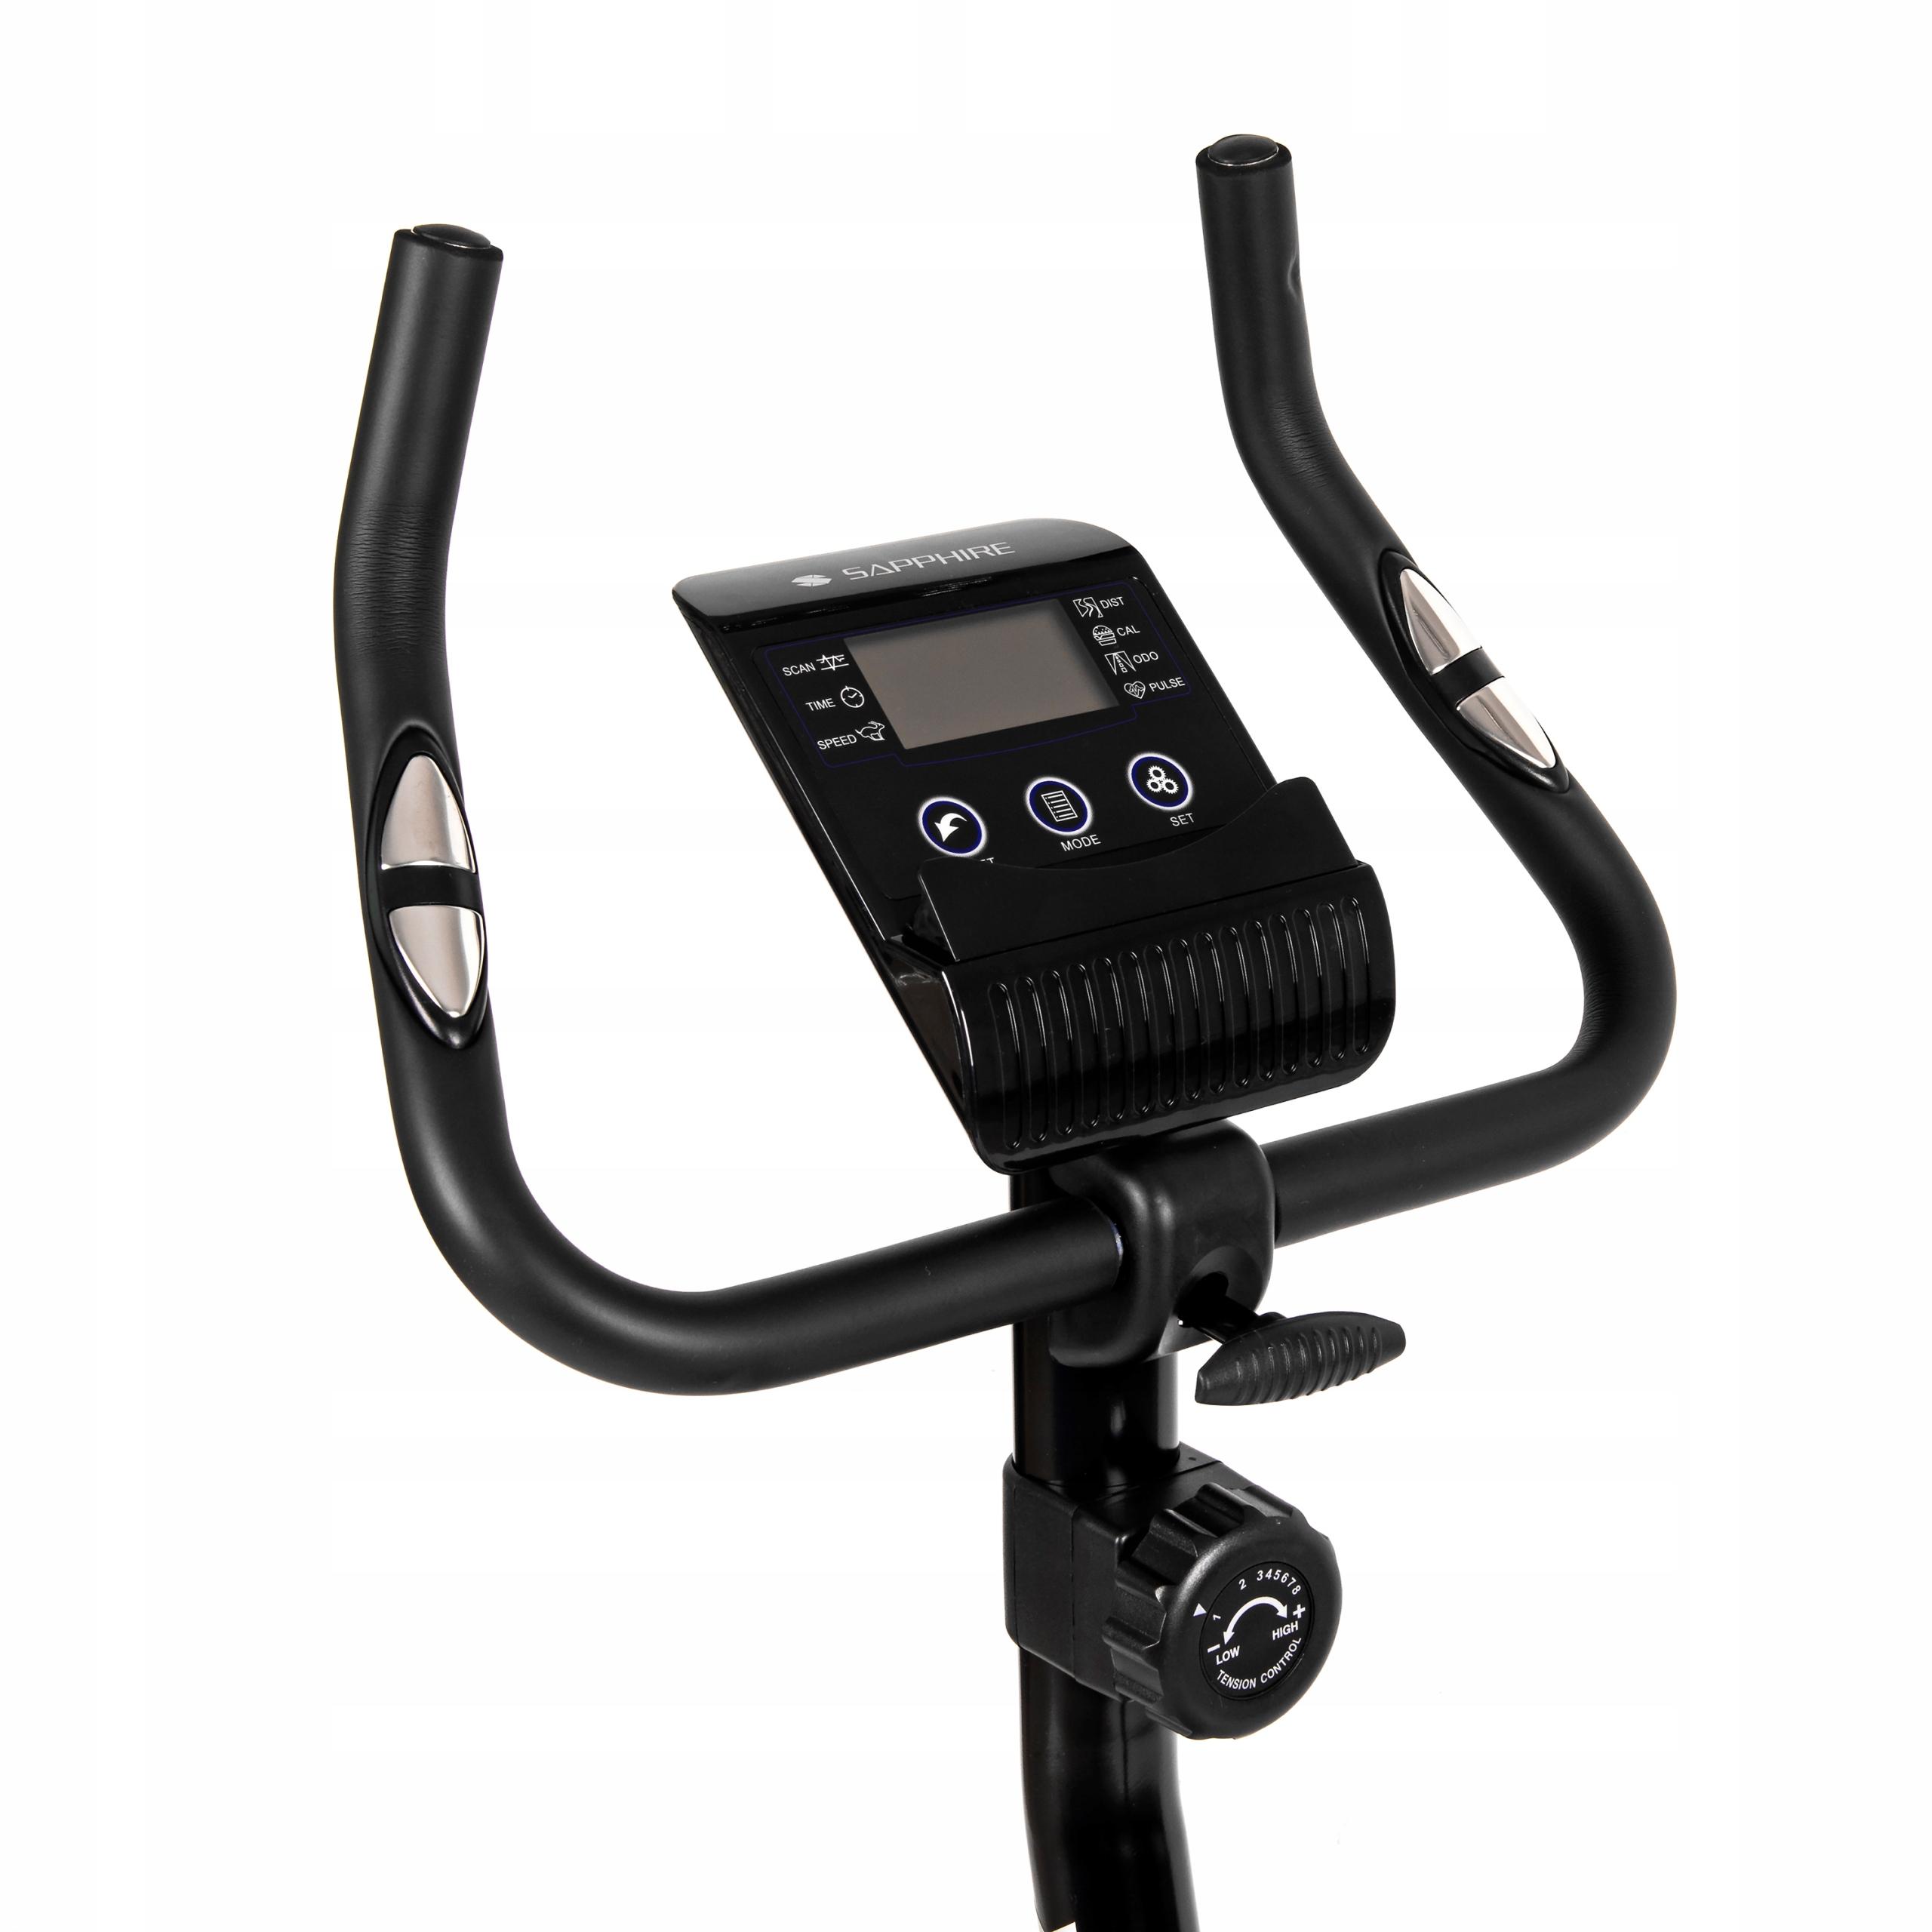 Rower treningowy magnetyczny SG ZAX stacjonarny Cechy dodatkowe kółka transportowe miejsce na telefon/tablet podpórka na książkę regulacja kierownicy regulacja siedziska sensory dotykowe uchwyty na stopy wyświetlacz